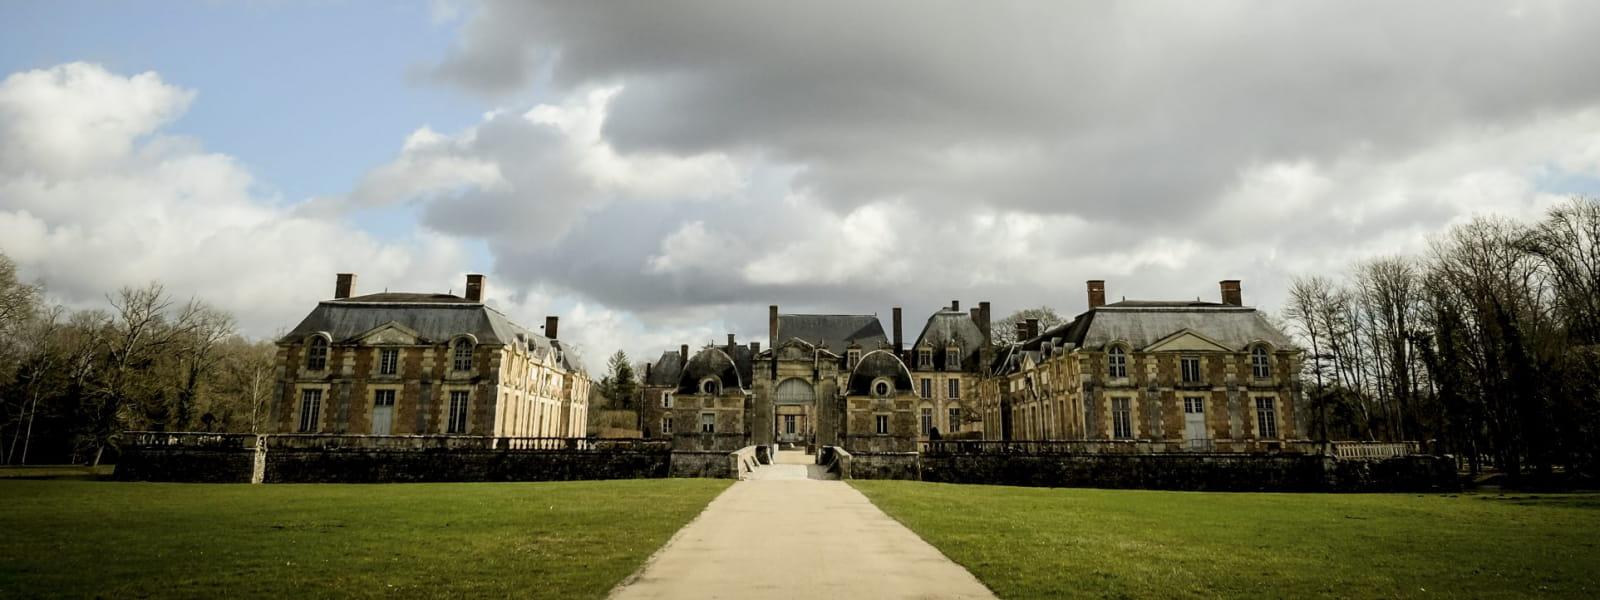 château de la ferté saint-aubin sous un ciel gris